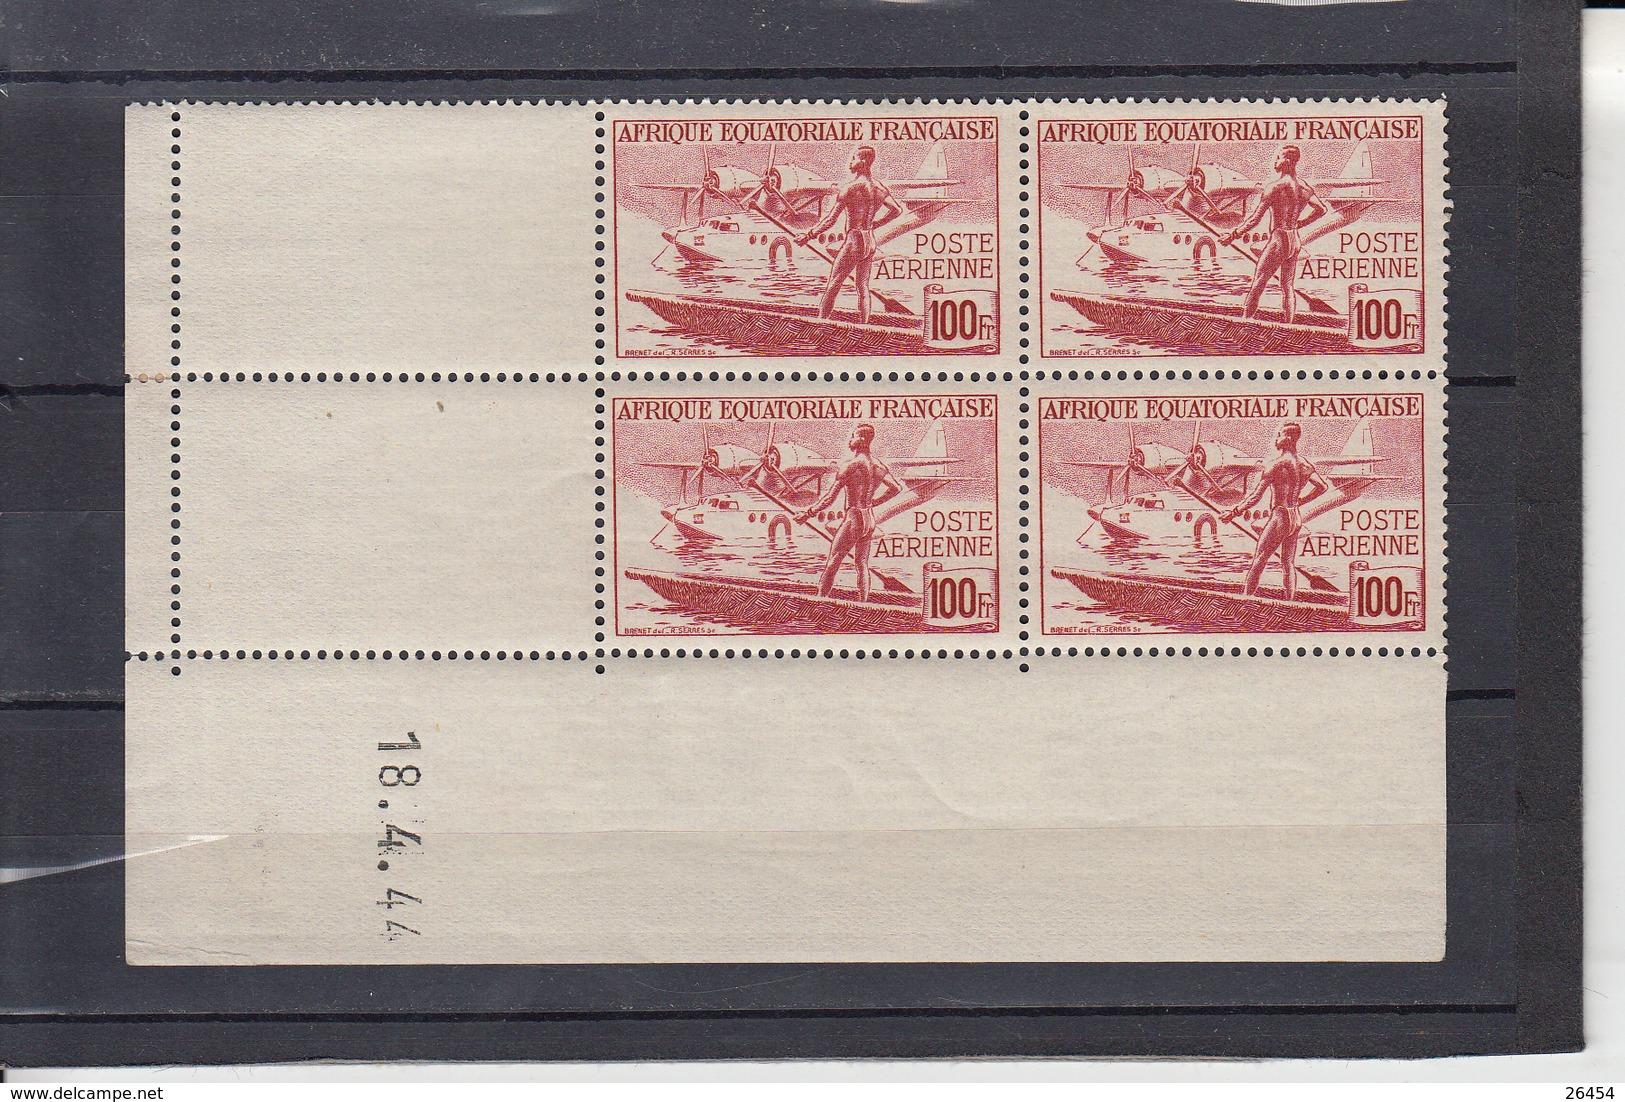 A.E.F. Poste AERIENNE  Hydravion  100F  Coins Dates Le 18 4 1944 Neuf     BLOC De 4 Timbres - A.E.F. (1936-1958)